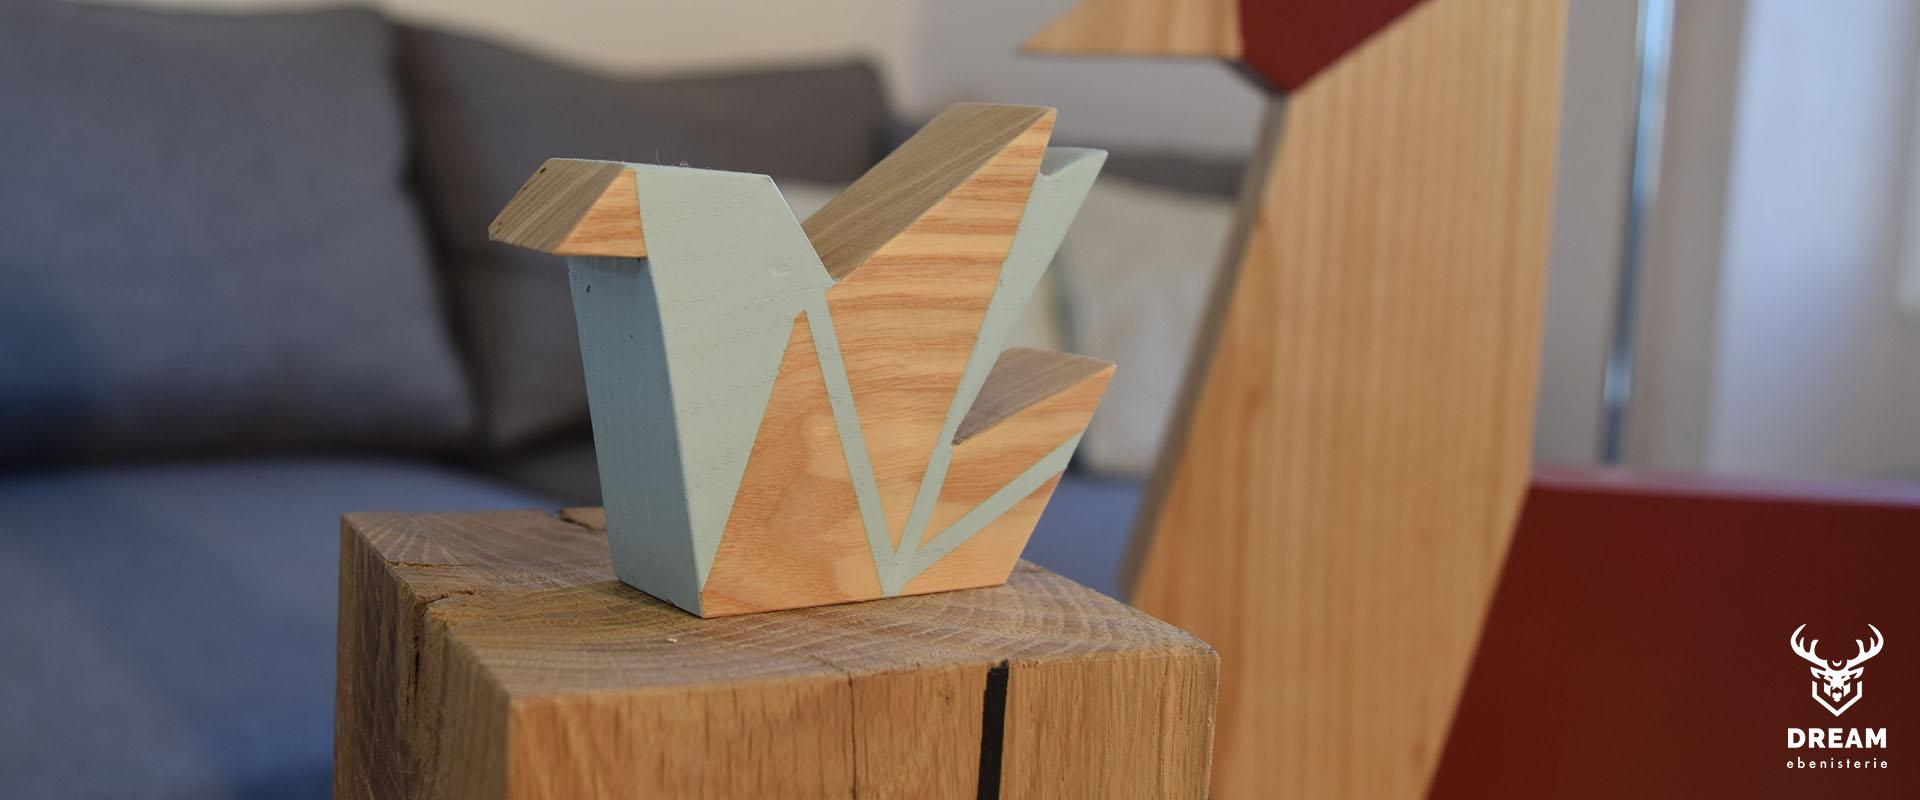 OIs'o-zoom-objet en bois